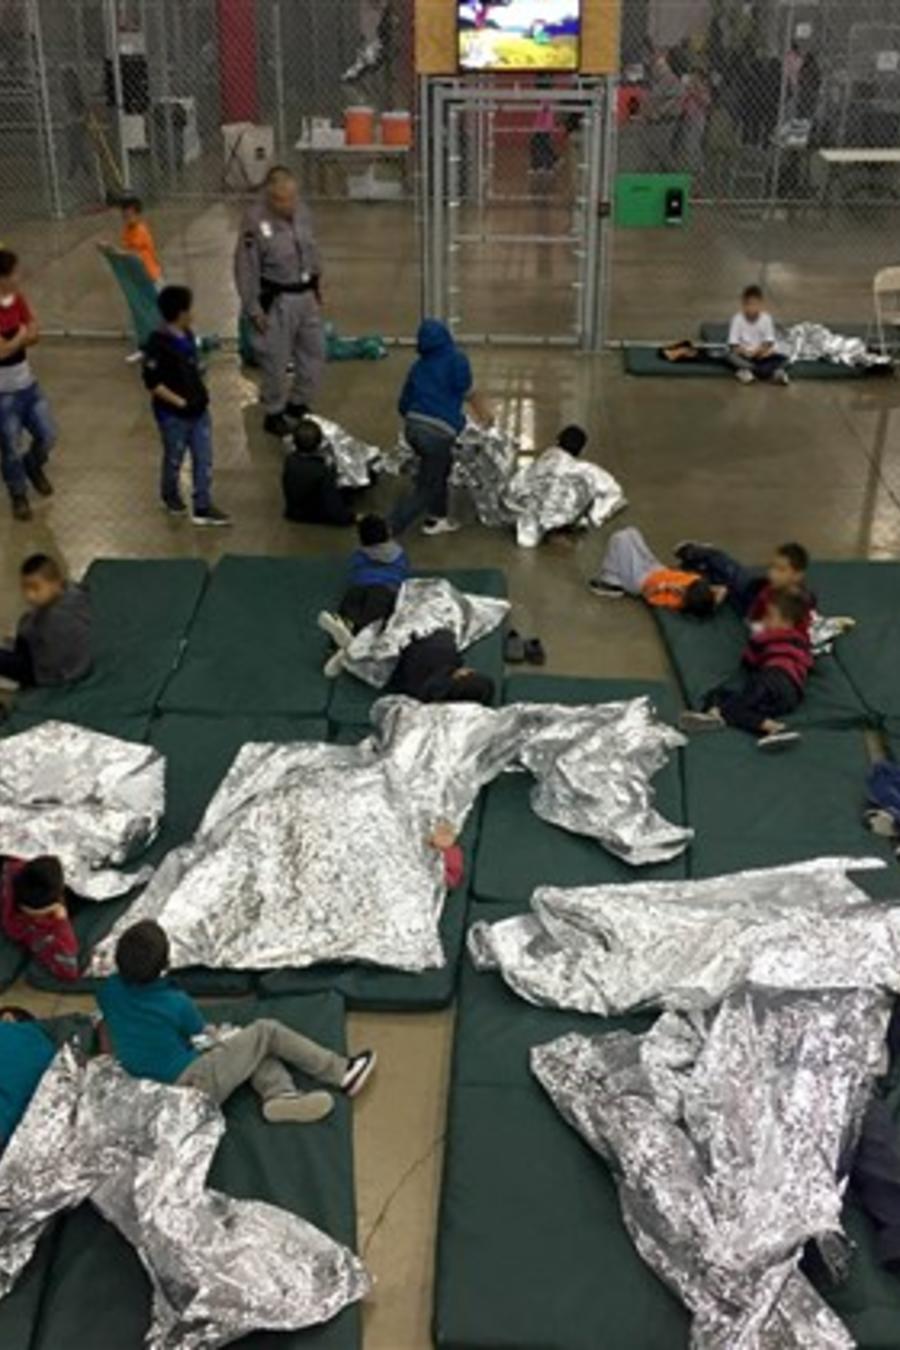 En esta foto del domingo 17 de junio de 2018 se observan inmigrantes detenidos en las instalaciones de 'Ursula', el centro de procesamiento de indocumentados más grande de EEUU localizado en McAllen, Texas.